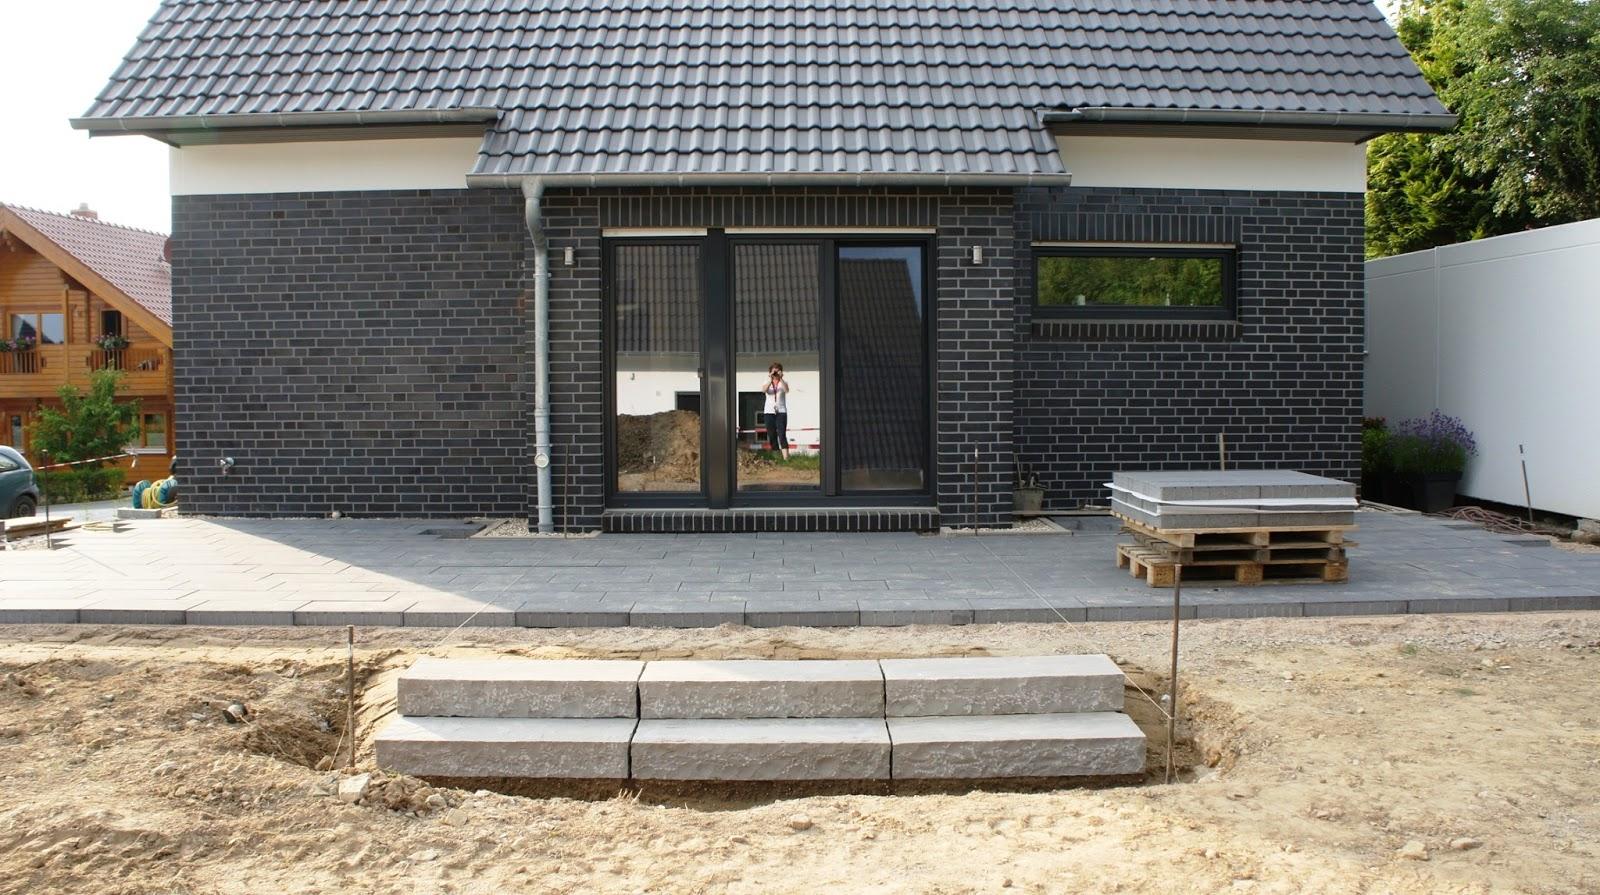 terrasse mit stufe terrasse mit stufen righini garten und landschaftsbau deryckere handwerk. Black Bedroom Furniture Sets. Home Design Ideas